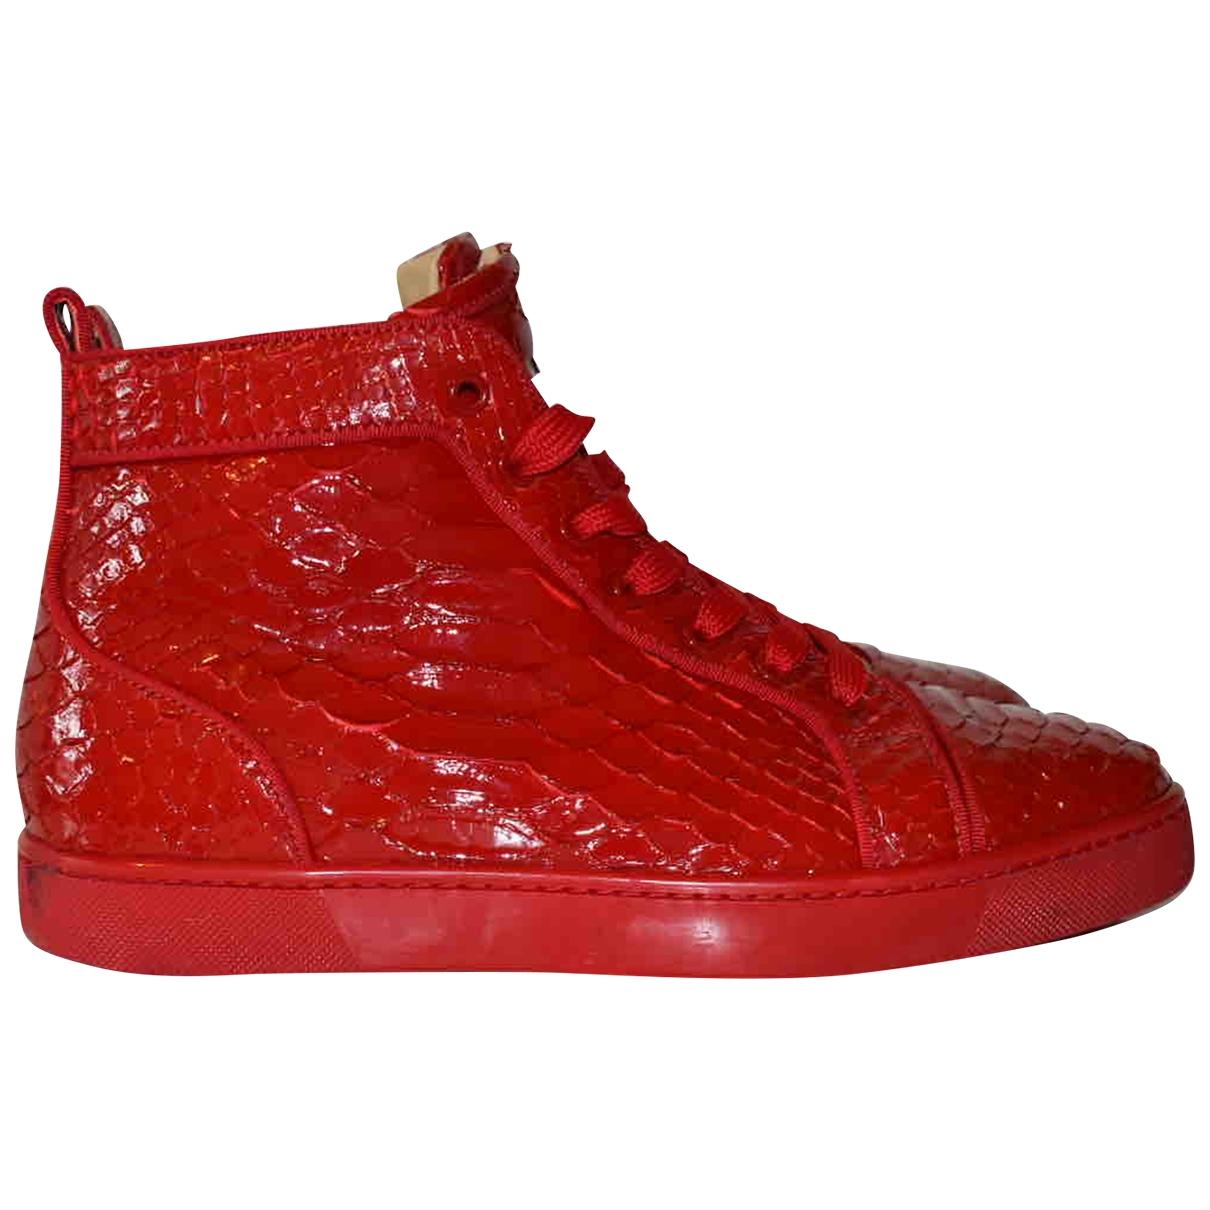 Christian Louboutin - Baskets Louis pour homme en python - rouge